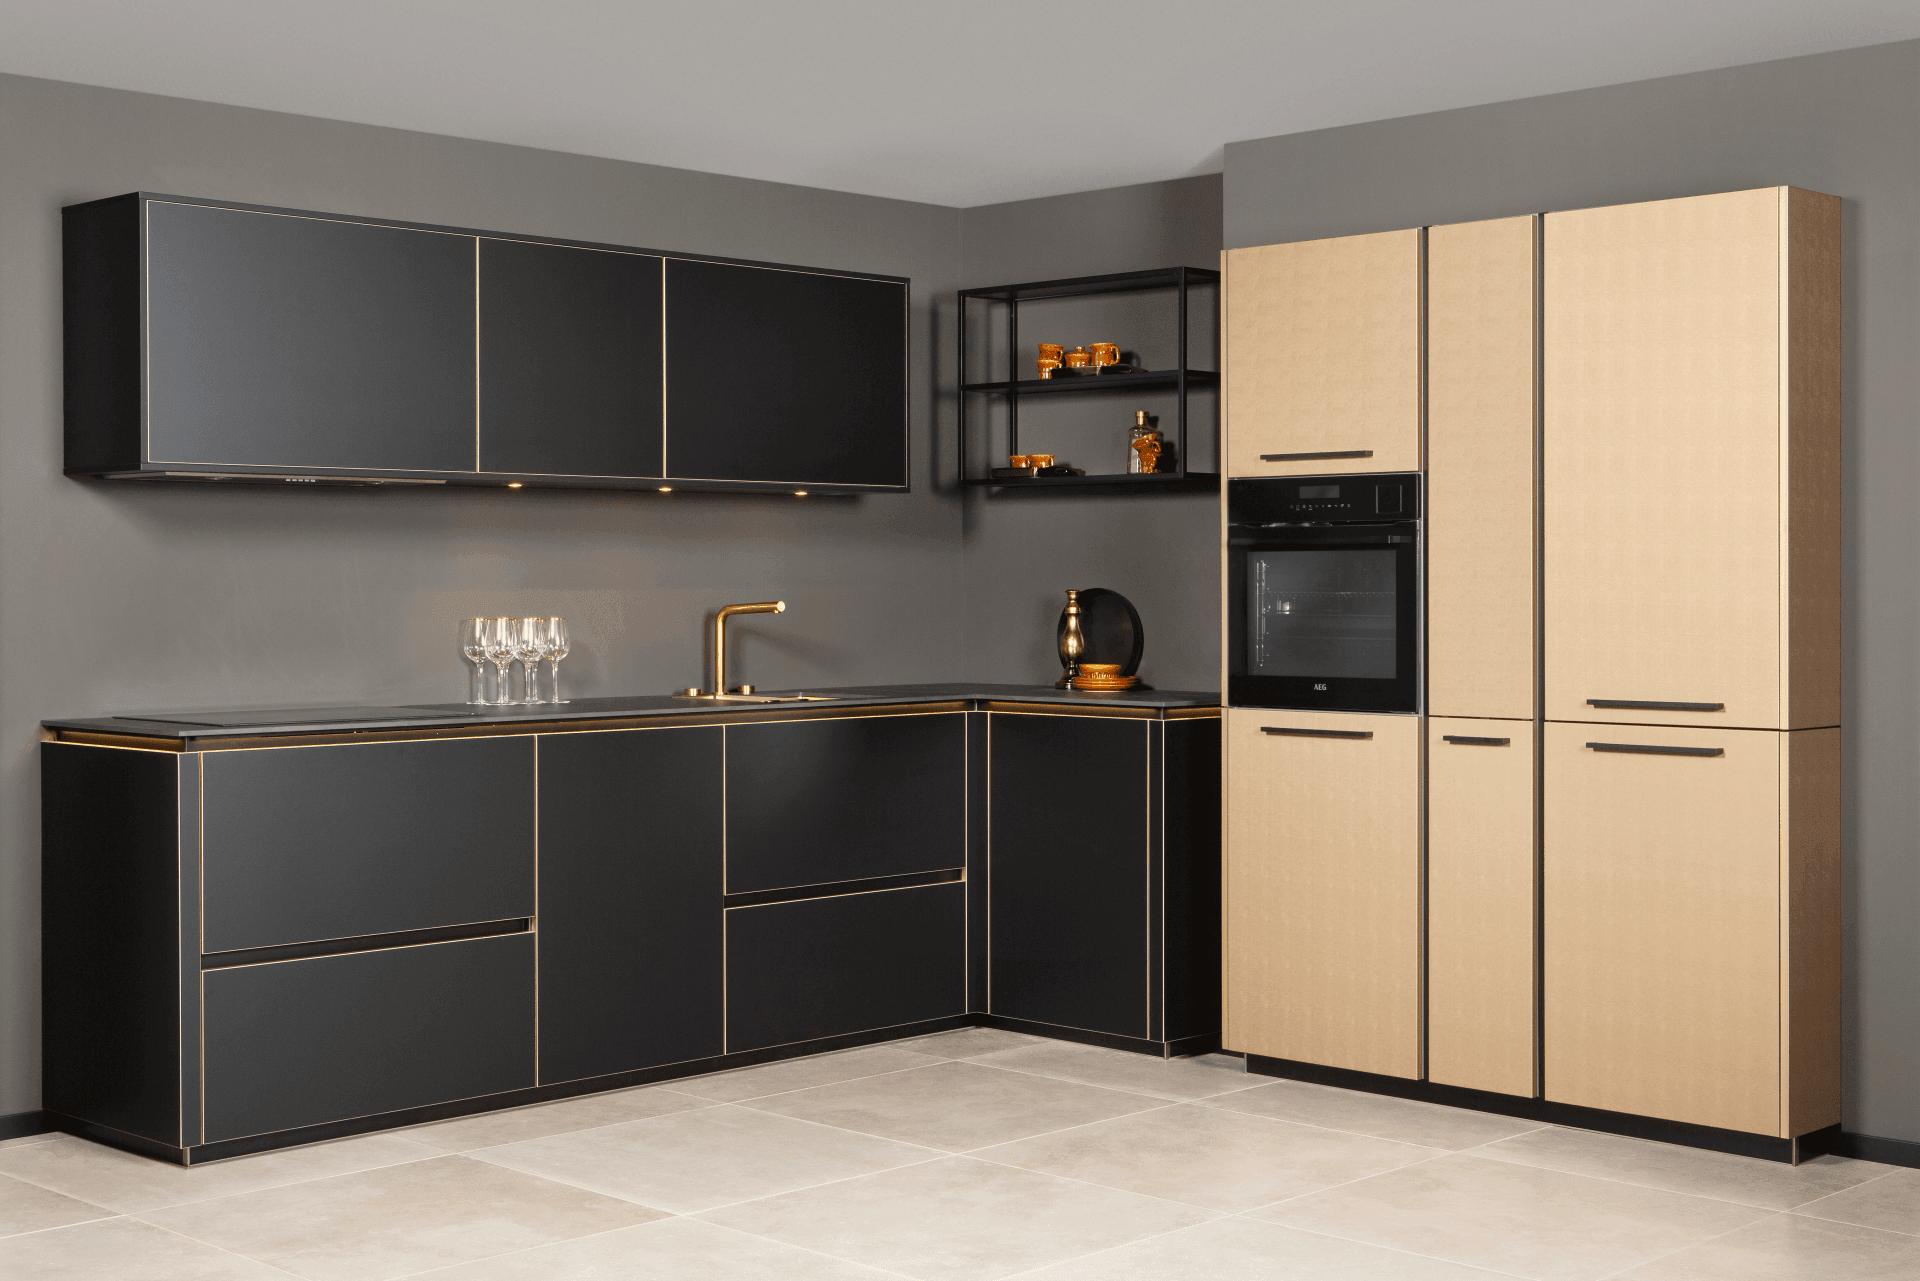 Zwarte keuken gouden accenten